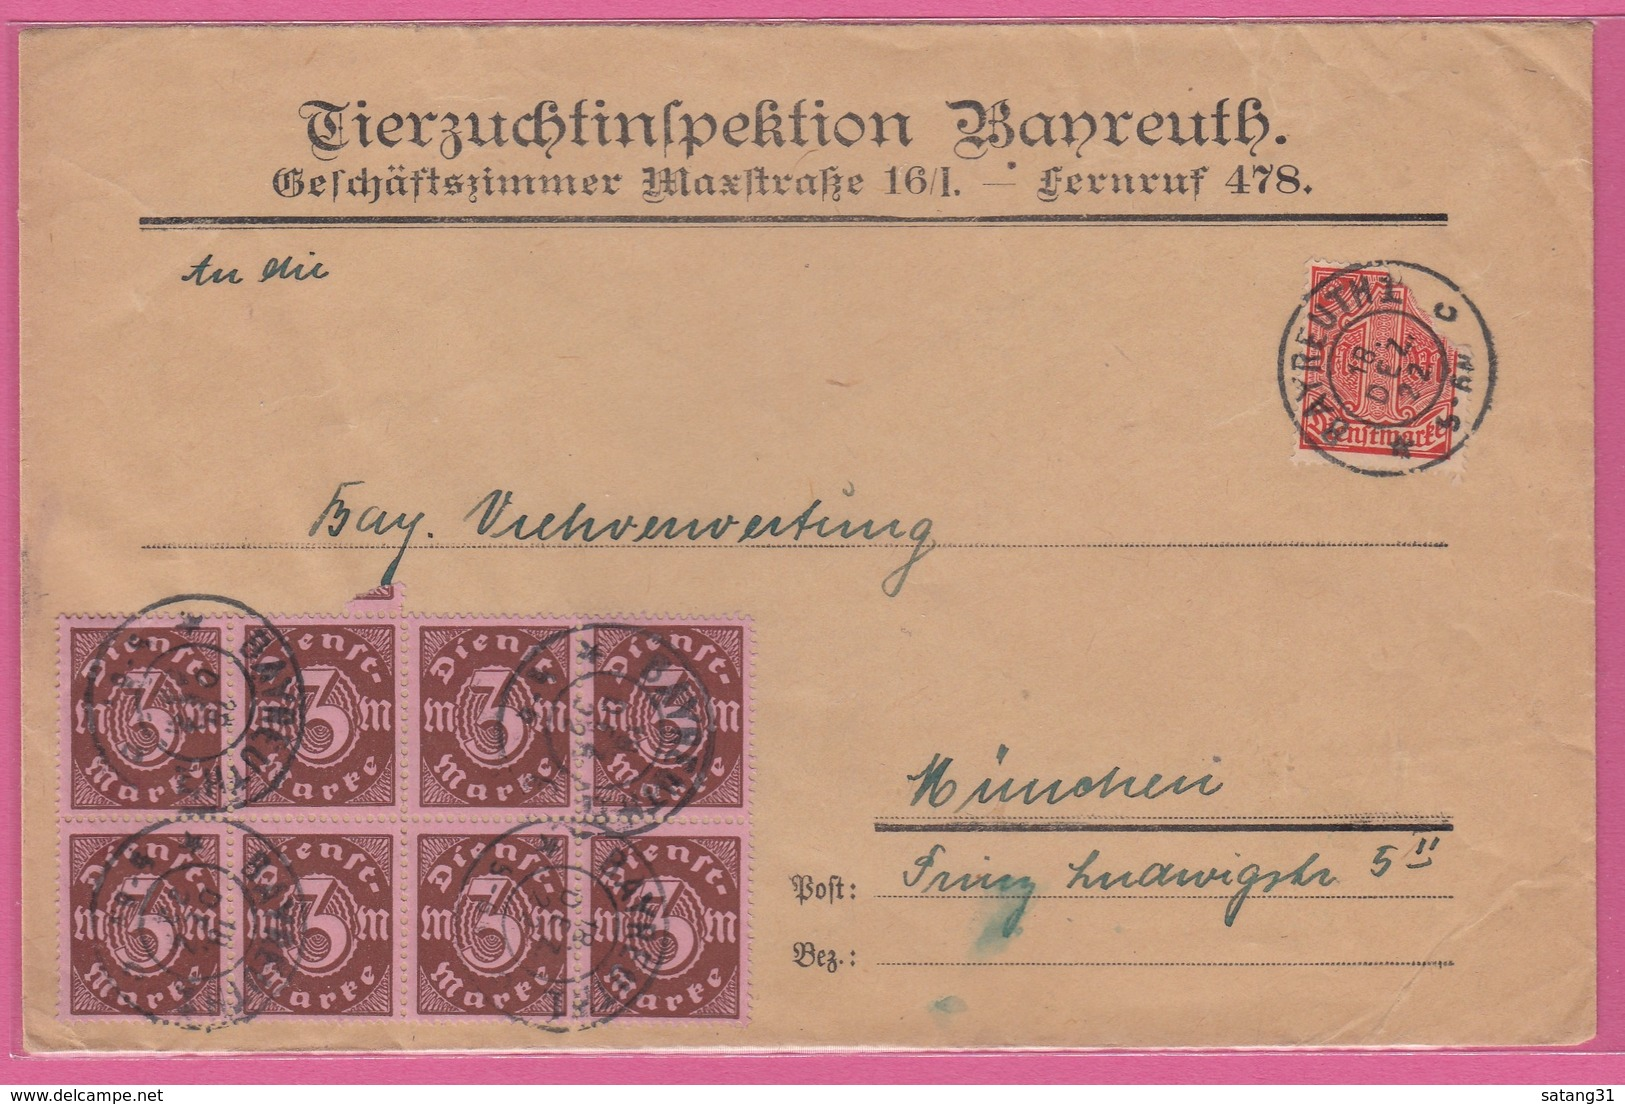 TIERZUCHTINSPEKTION,BAYREUTH.BRIEF MIT U.A. 8ER BLOCK DER NR D67. - Dienstpost